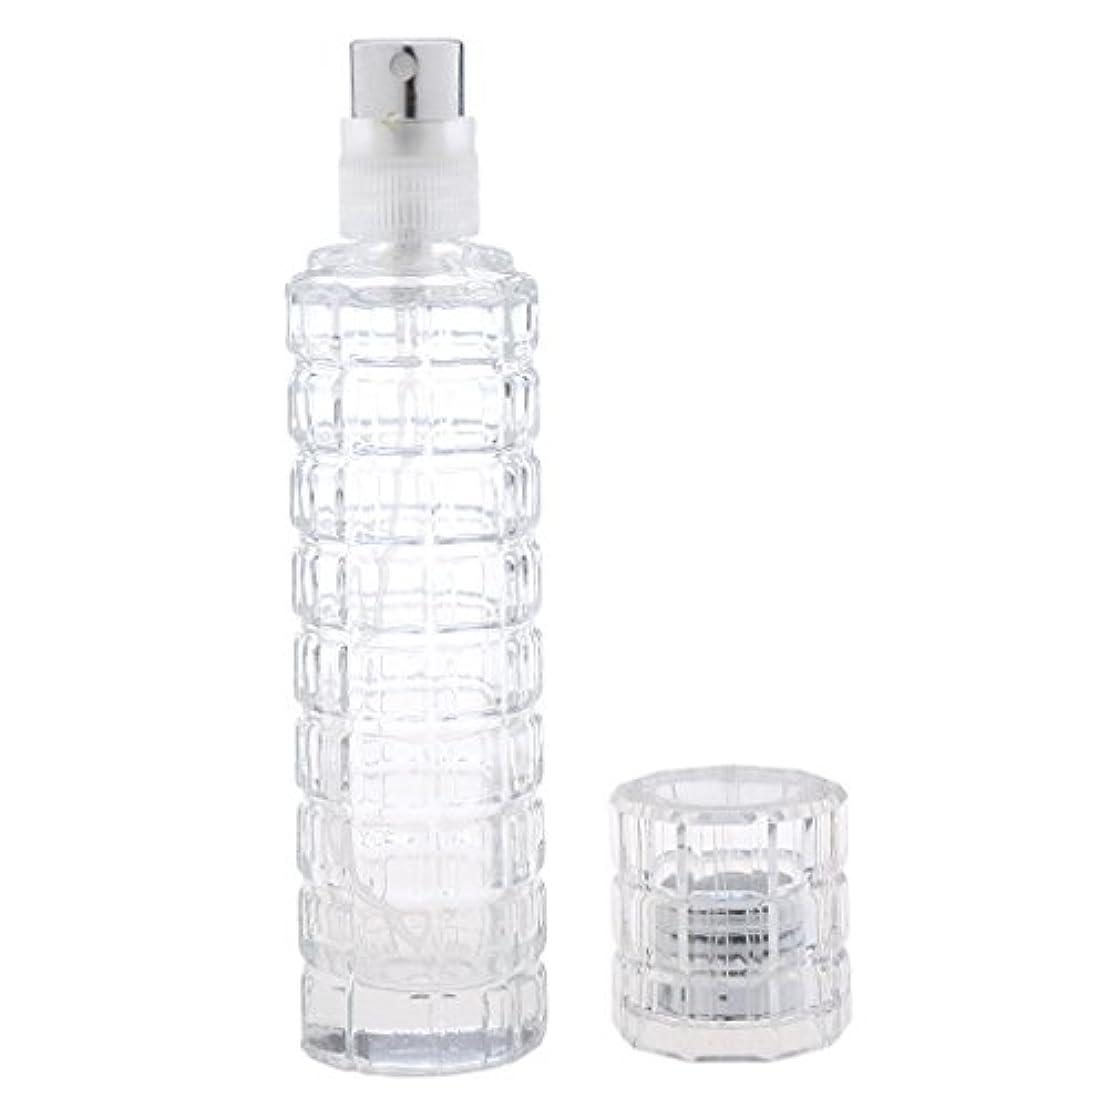 真剣に干渉以来可愛い 空 香水ボトル ガラス 香水瓶 アトマイザー スプレー 旅行用 30ml 便利 クリア